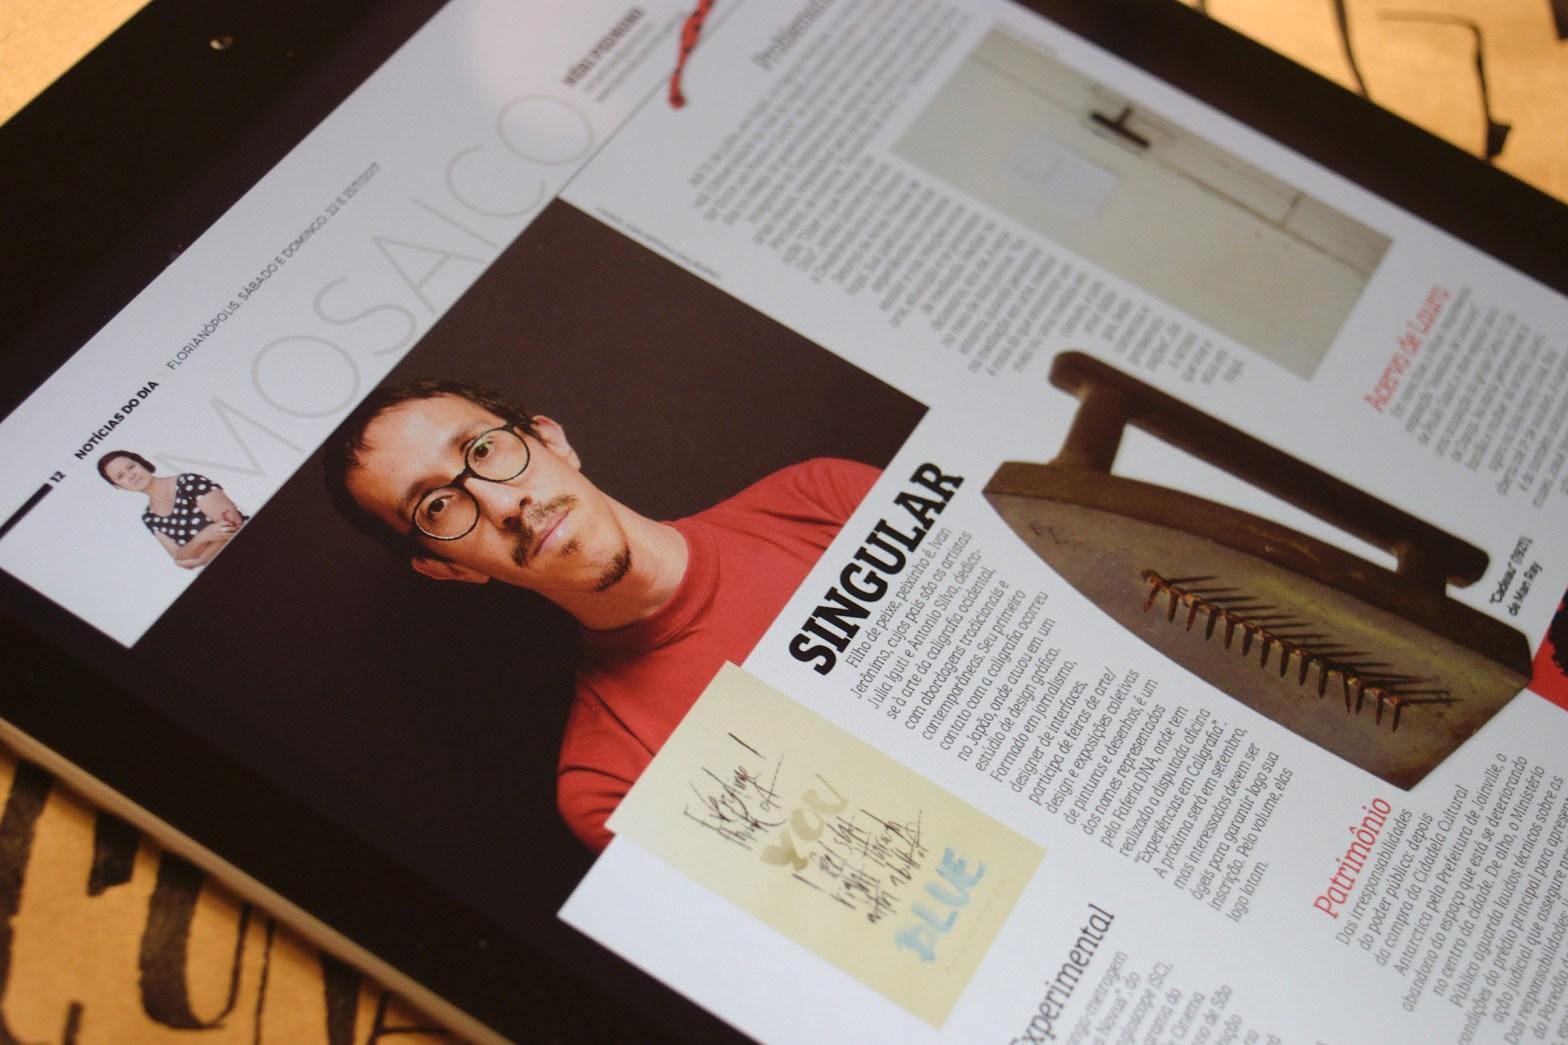 Página do jornal com foto do autor, acompanhado de trabalho de caligrafia